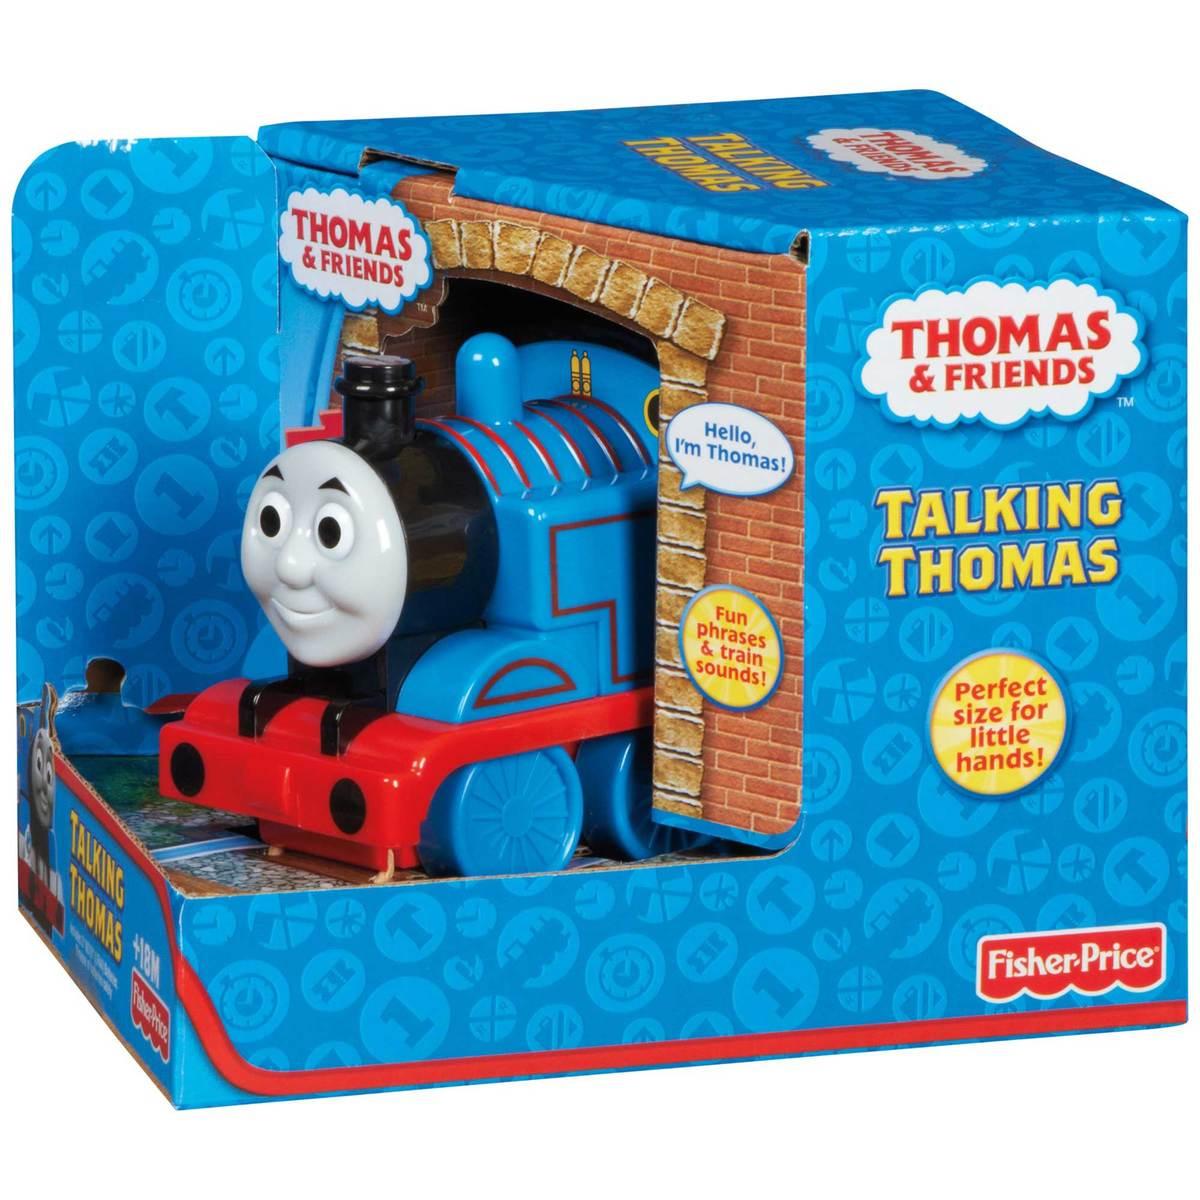 Thomas & Friends Talking Train Engine - Thomas